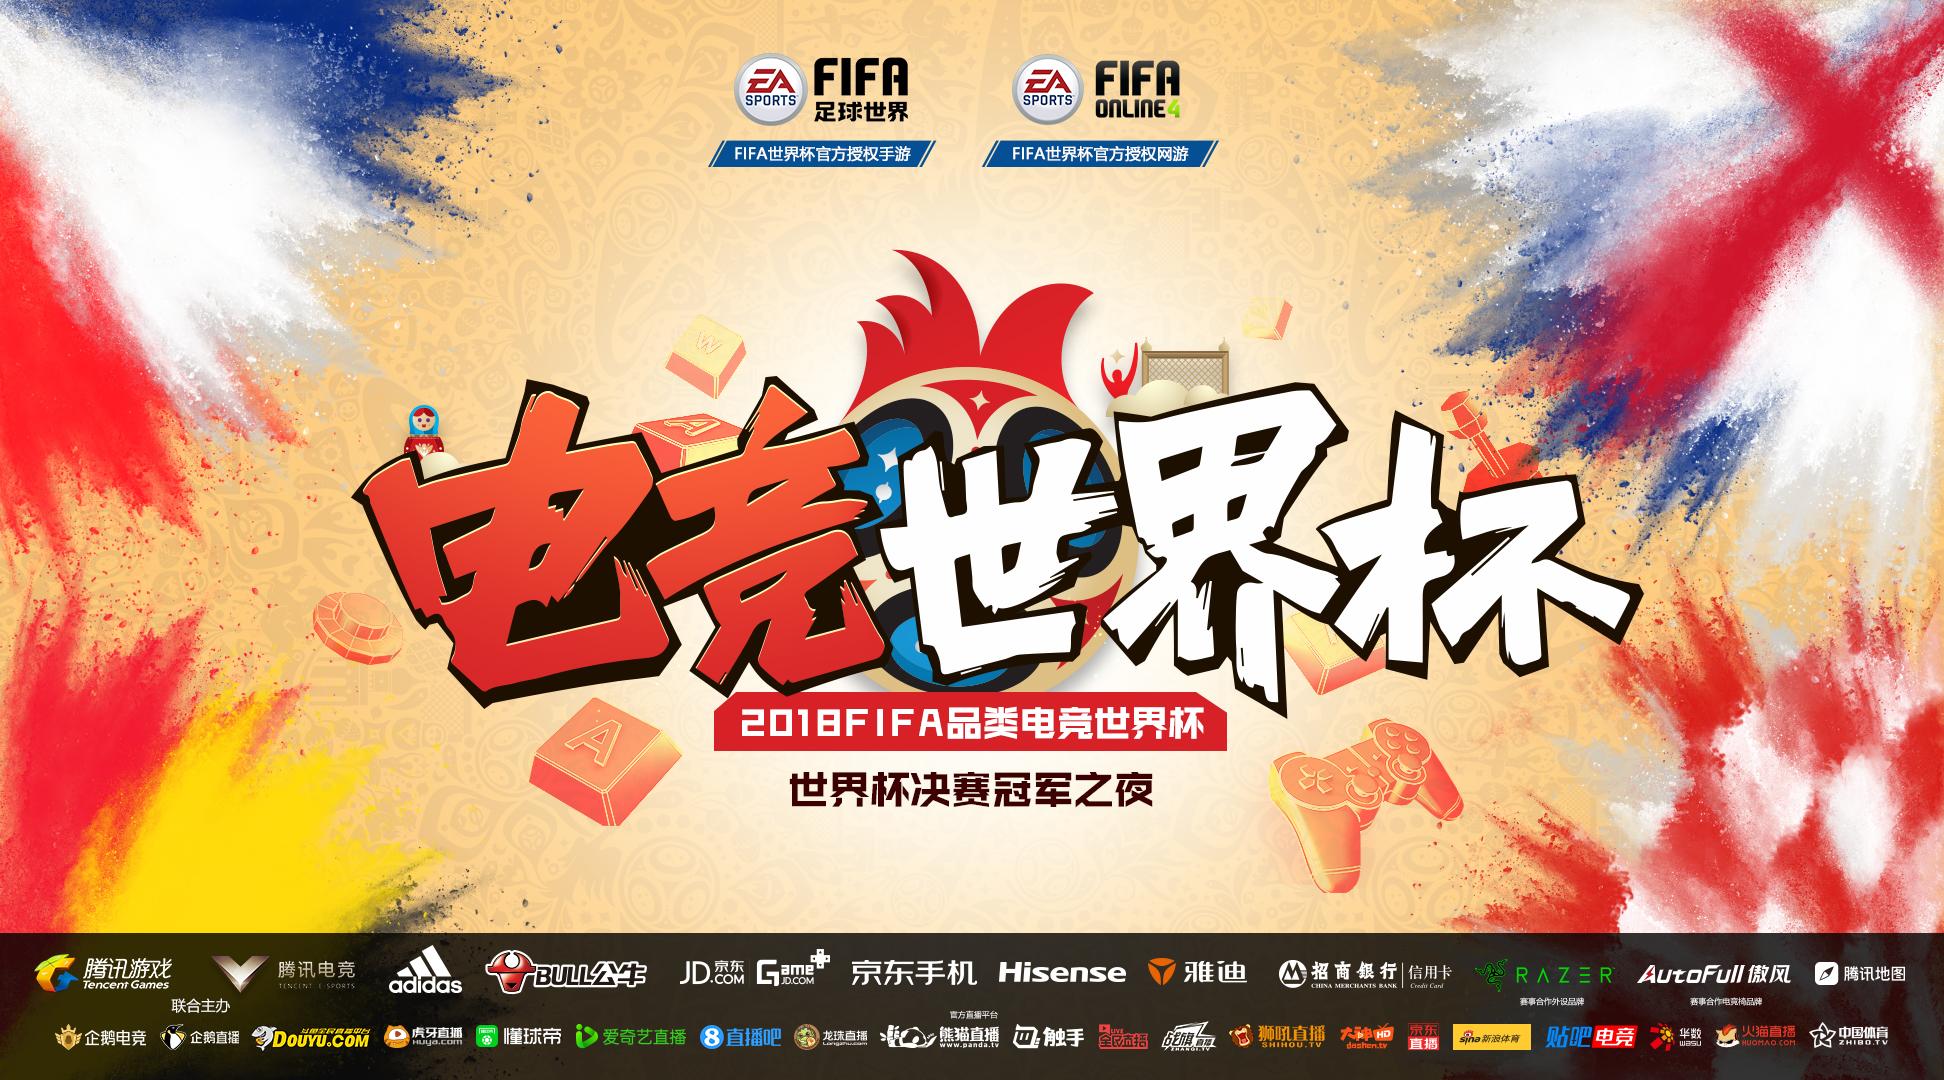 【电竞世界杯】总决赛将于7月14日~7月15日打响!